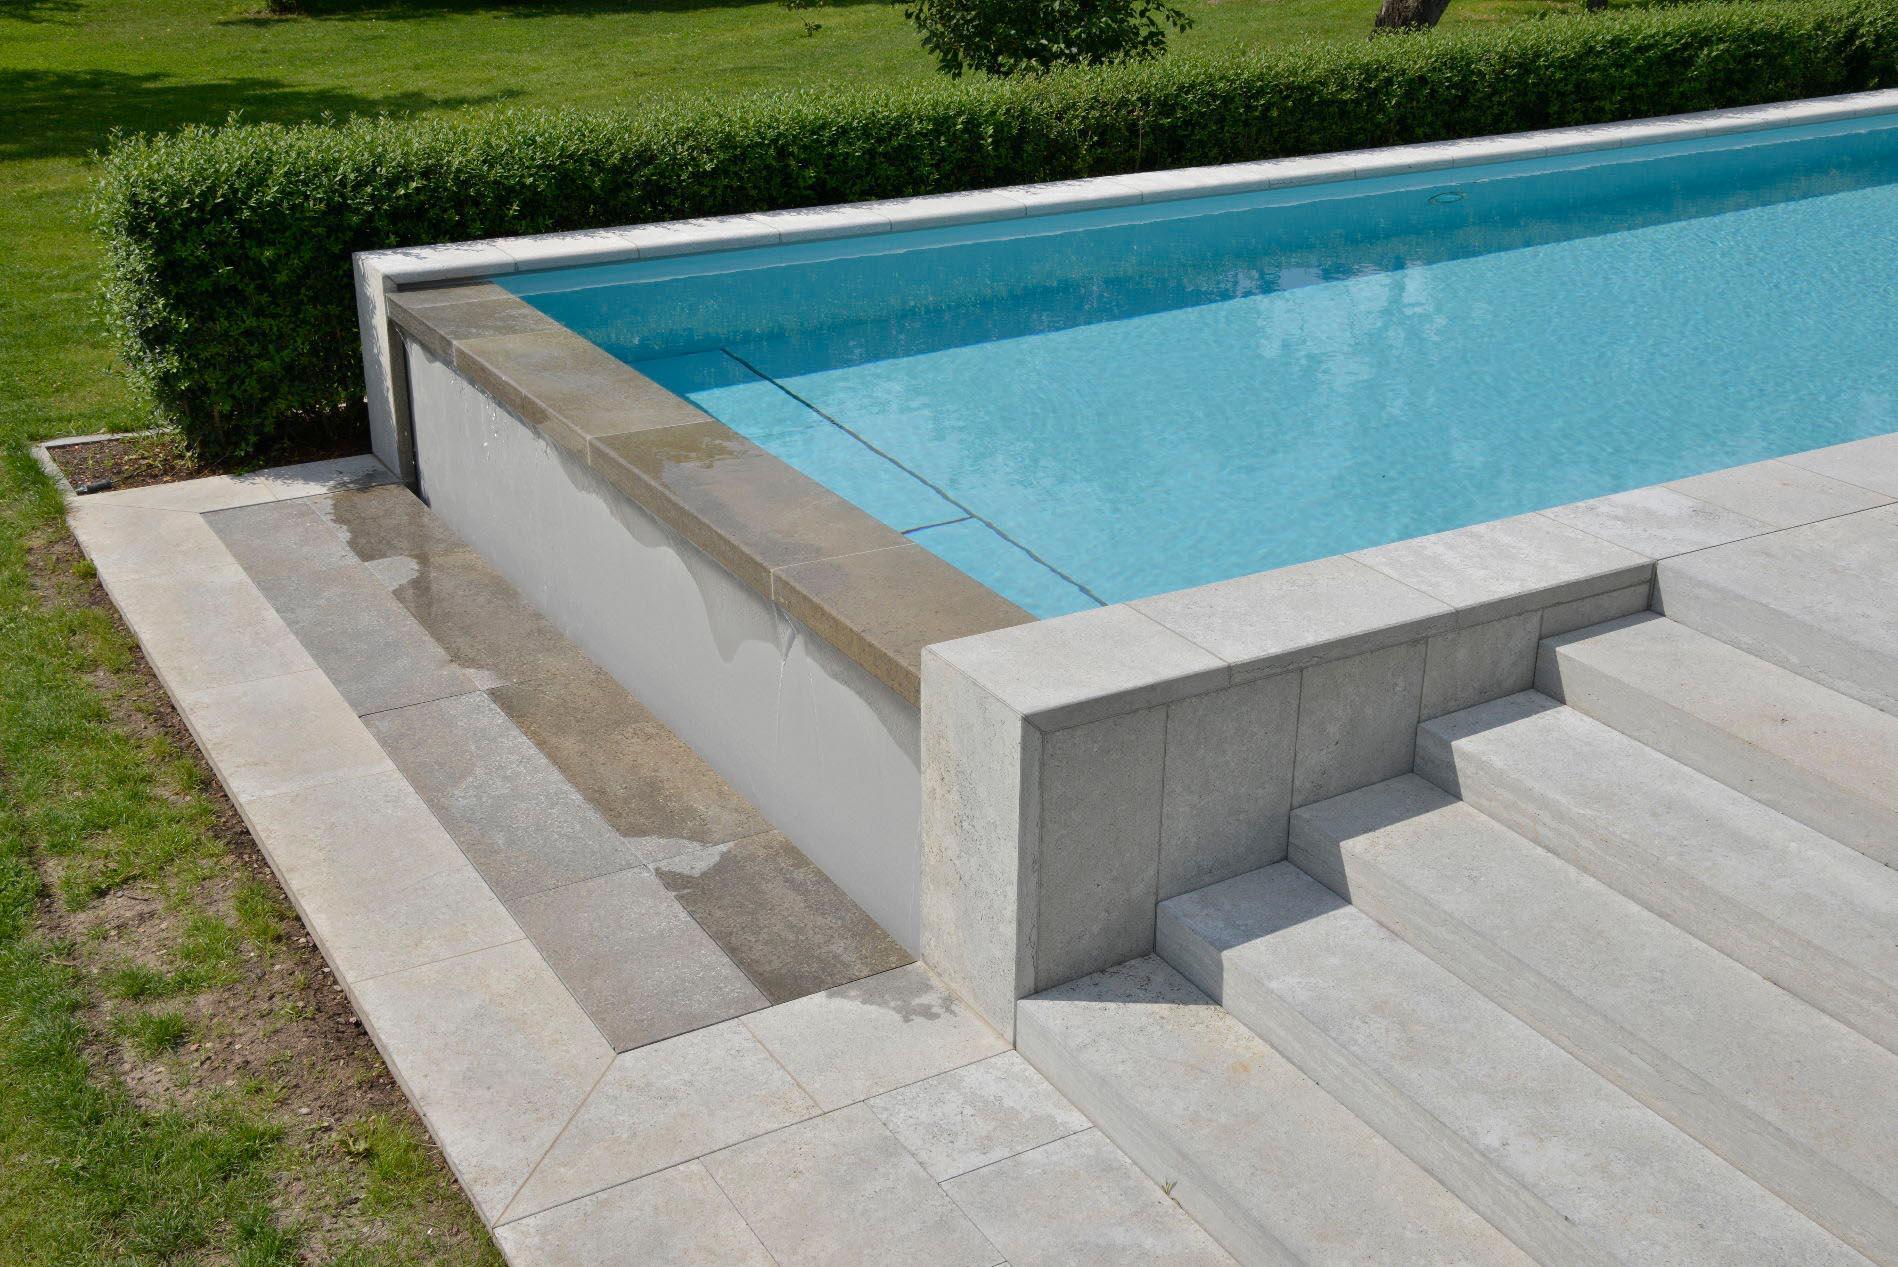 Poolumrandung, Blockstufen und Bodenplatten aus Muschelkalk von TRACO